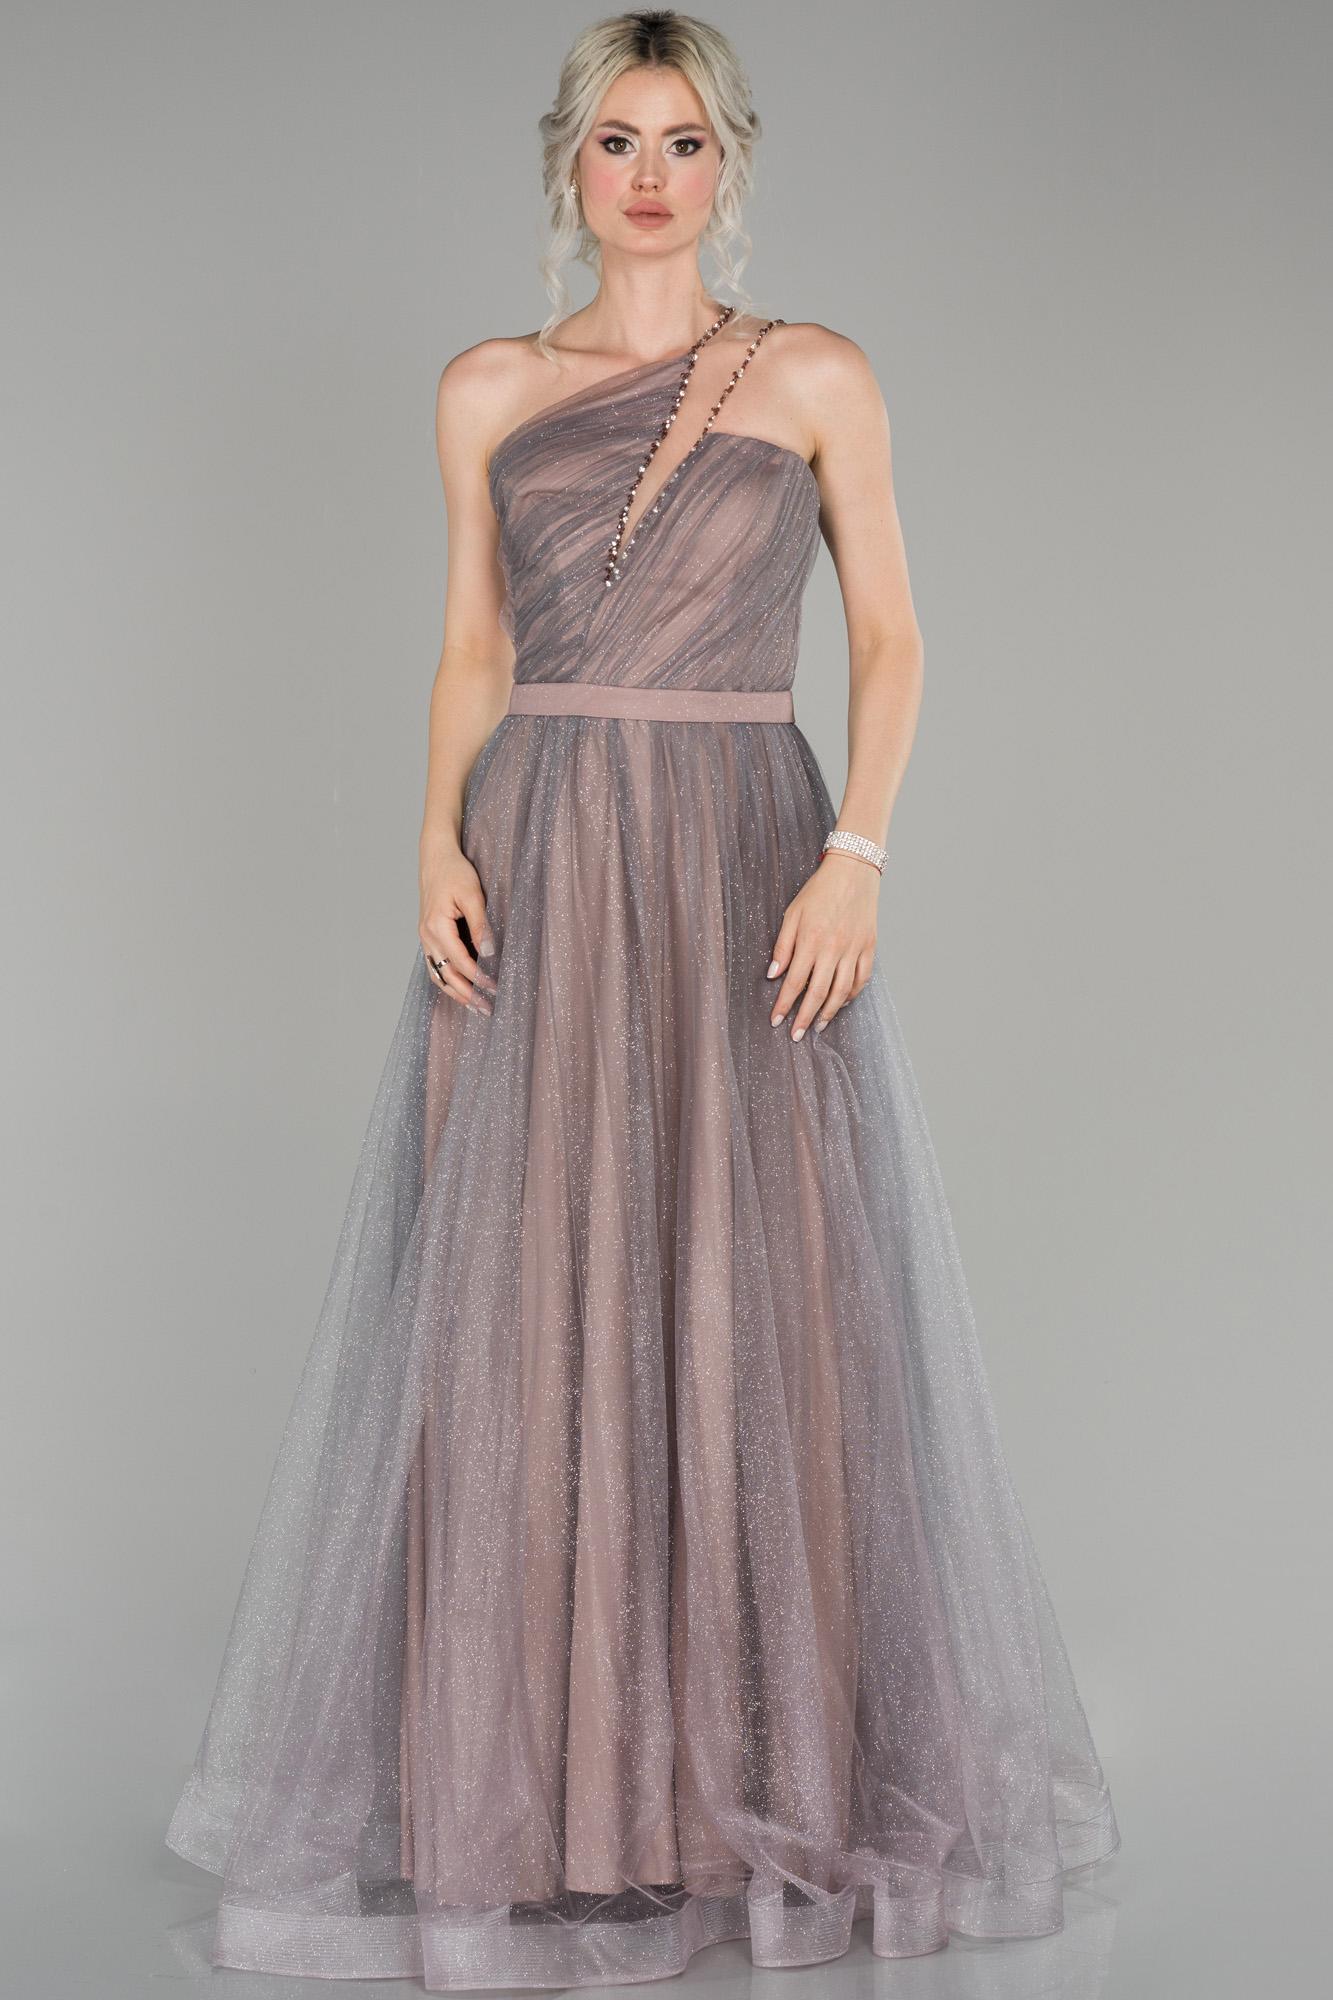 Lavanta Tek Omuz Simli Tül Detaylı Prenses Abiye Elbise